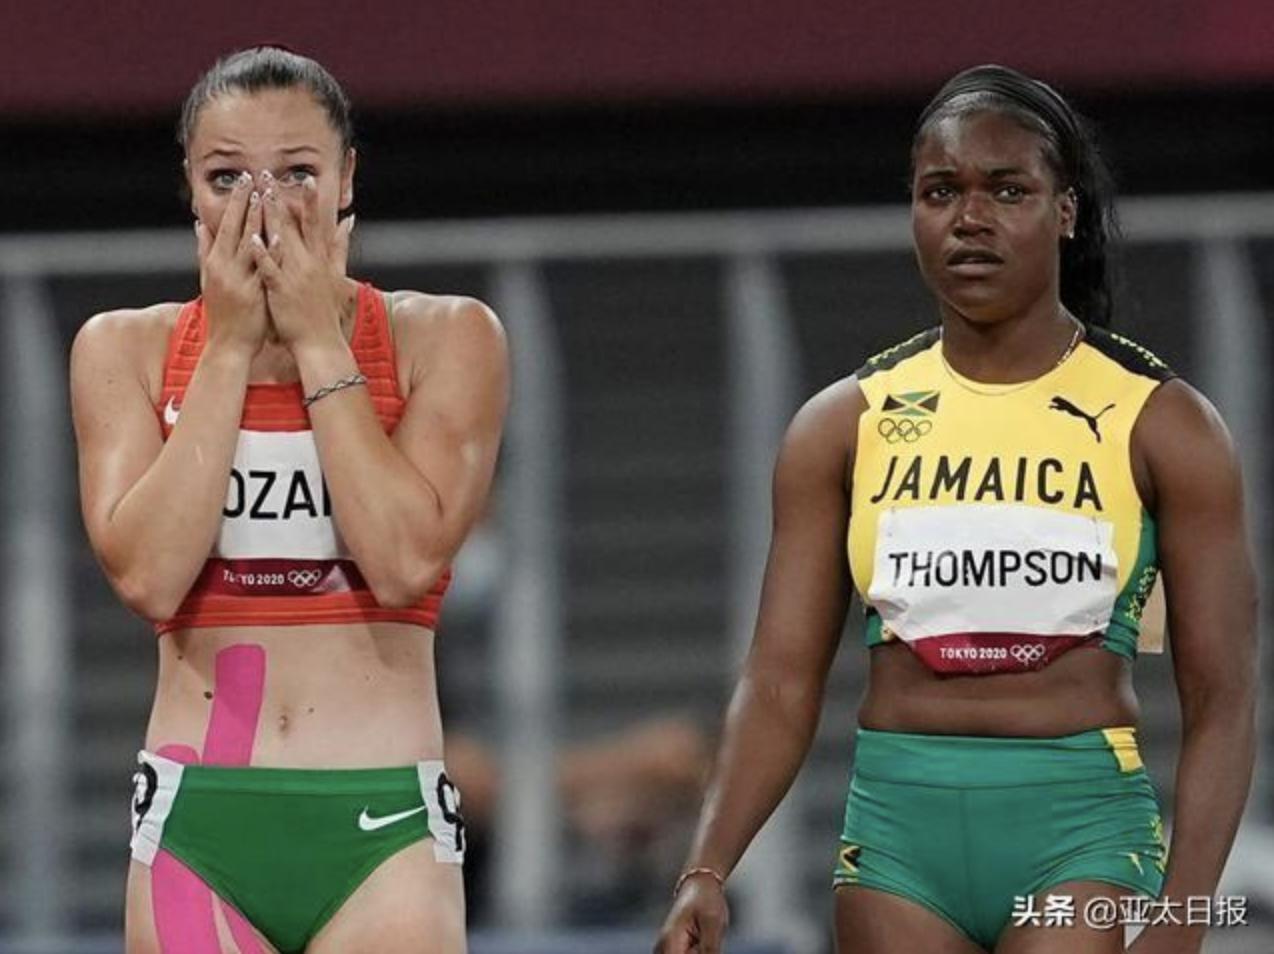 無關輸贏只關情,奧運賽場上比奪牌更感動人的事